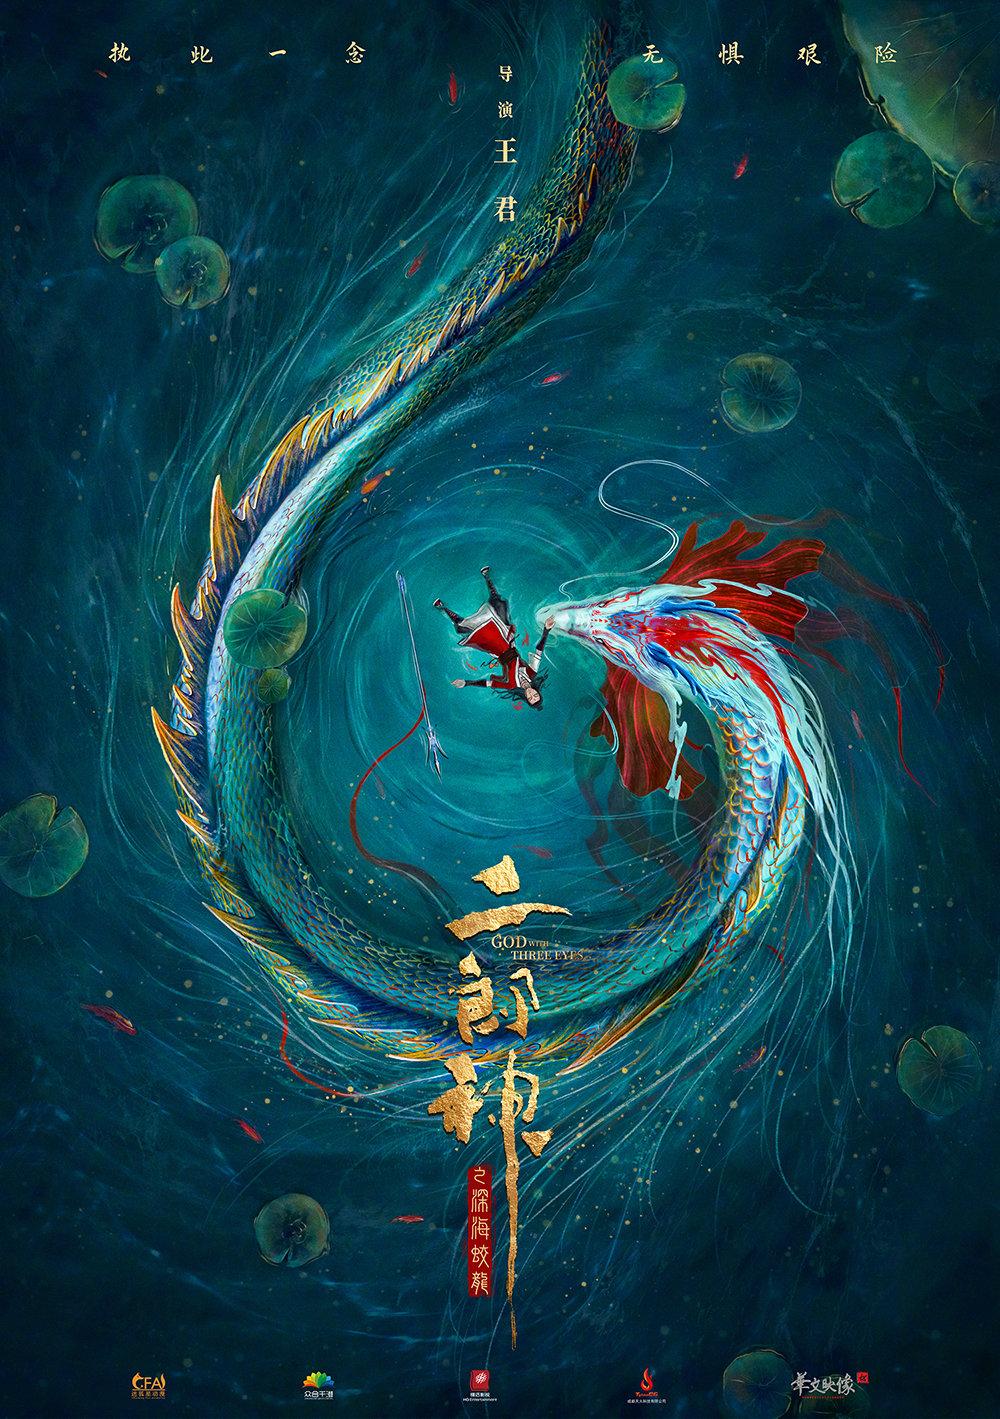 国产动画电影《二郎神之深海蛟龙》公布概念预